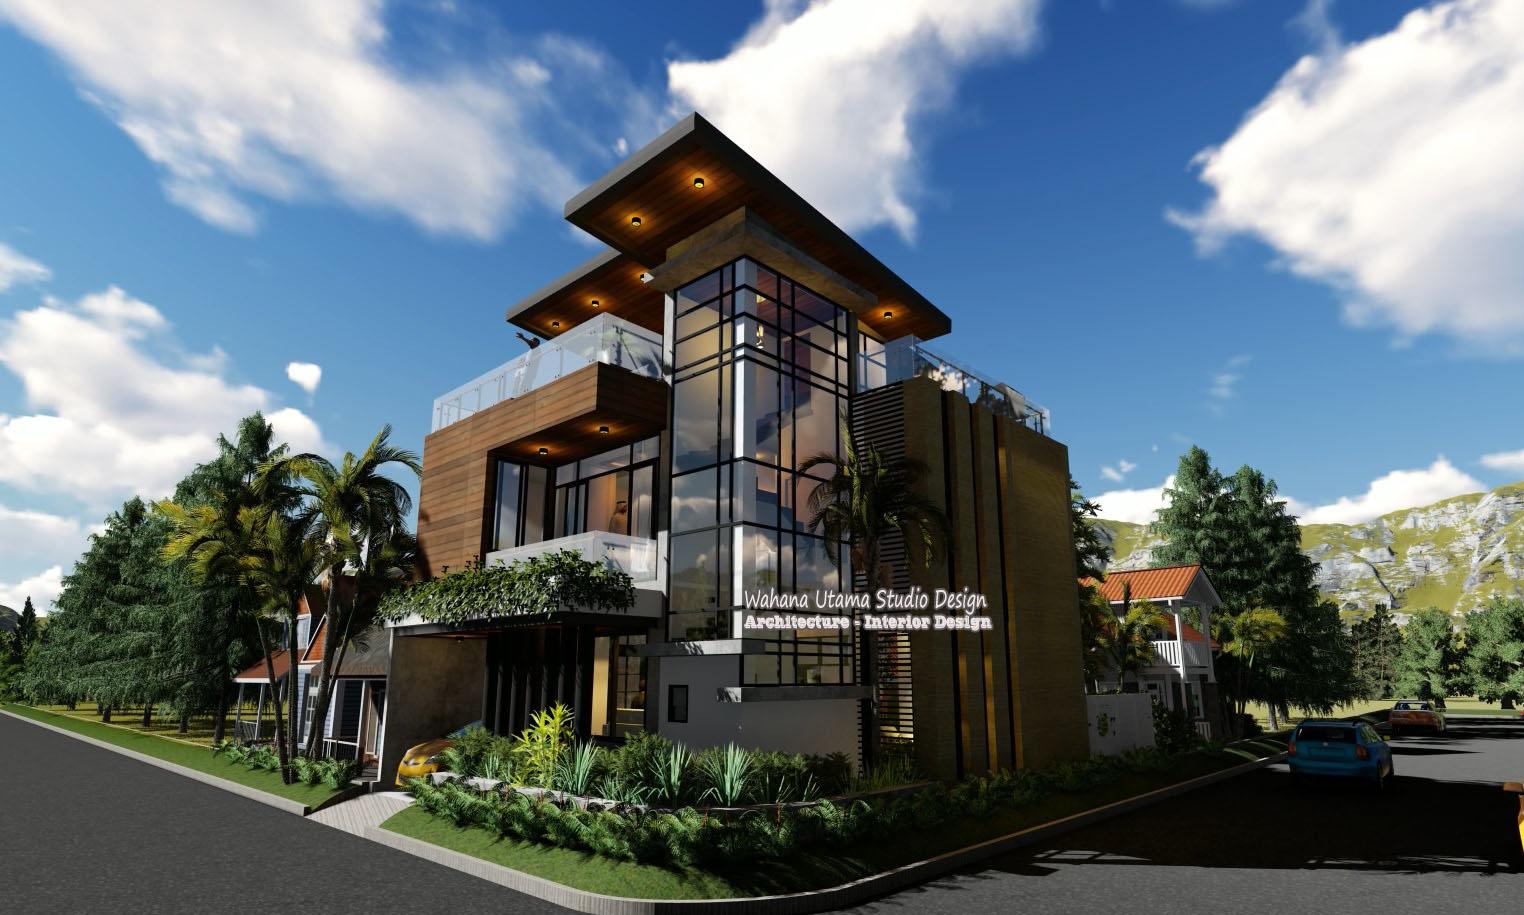 Harga Jasa Desain Rumah Dan Arsitek Murah 2019 Terbaik Profesional